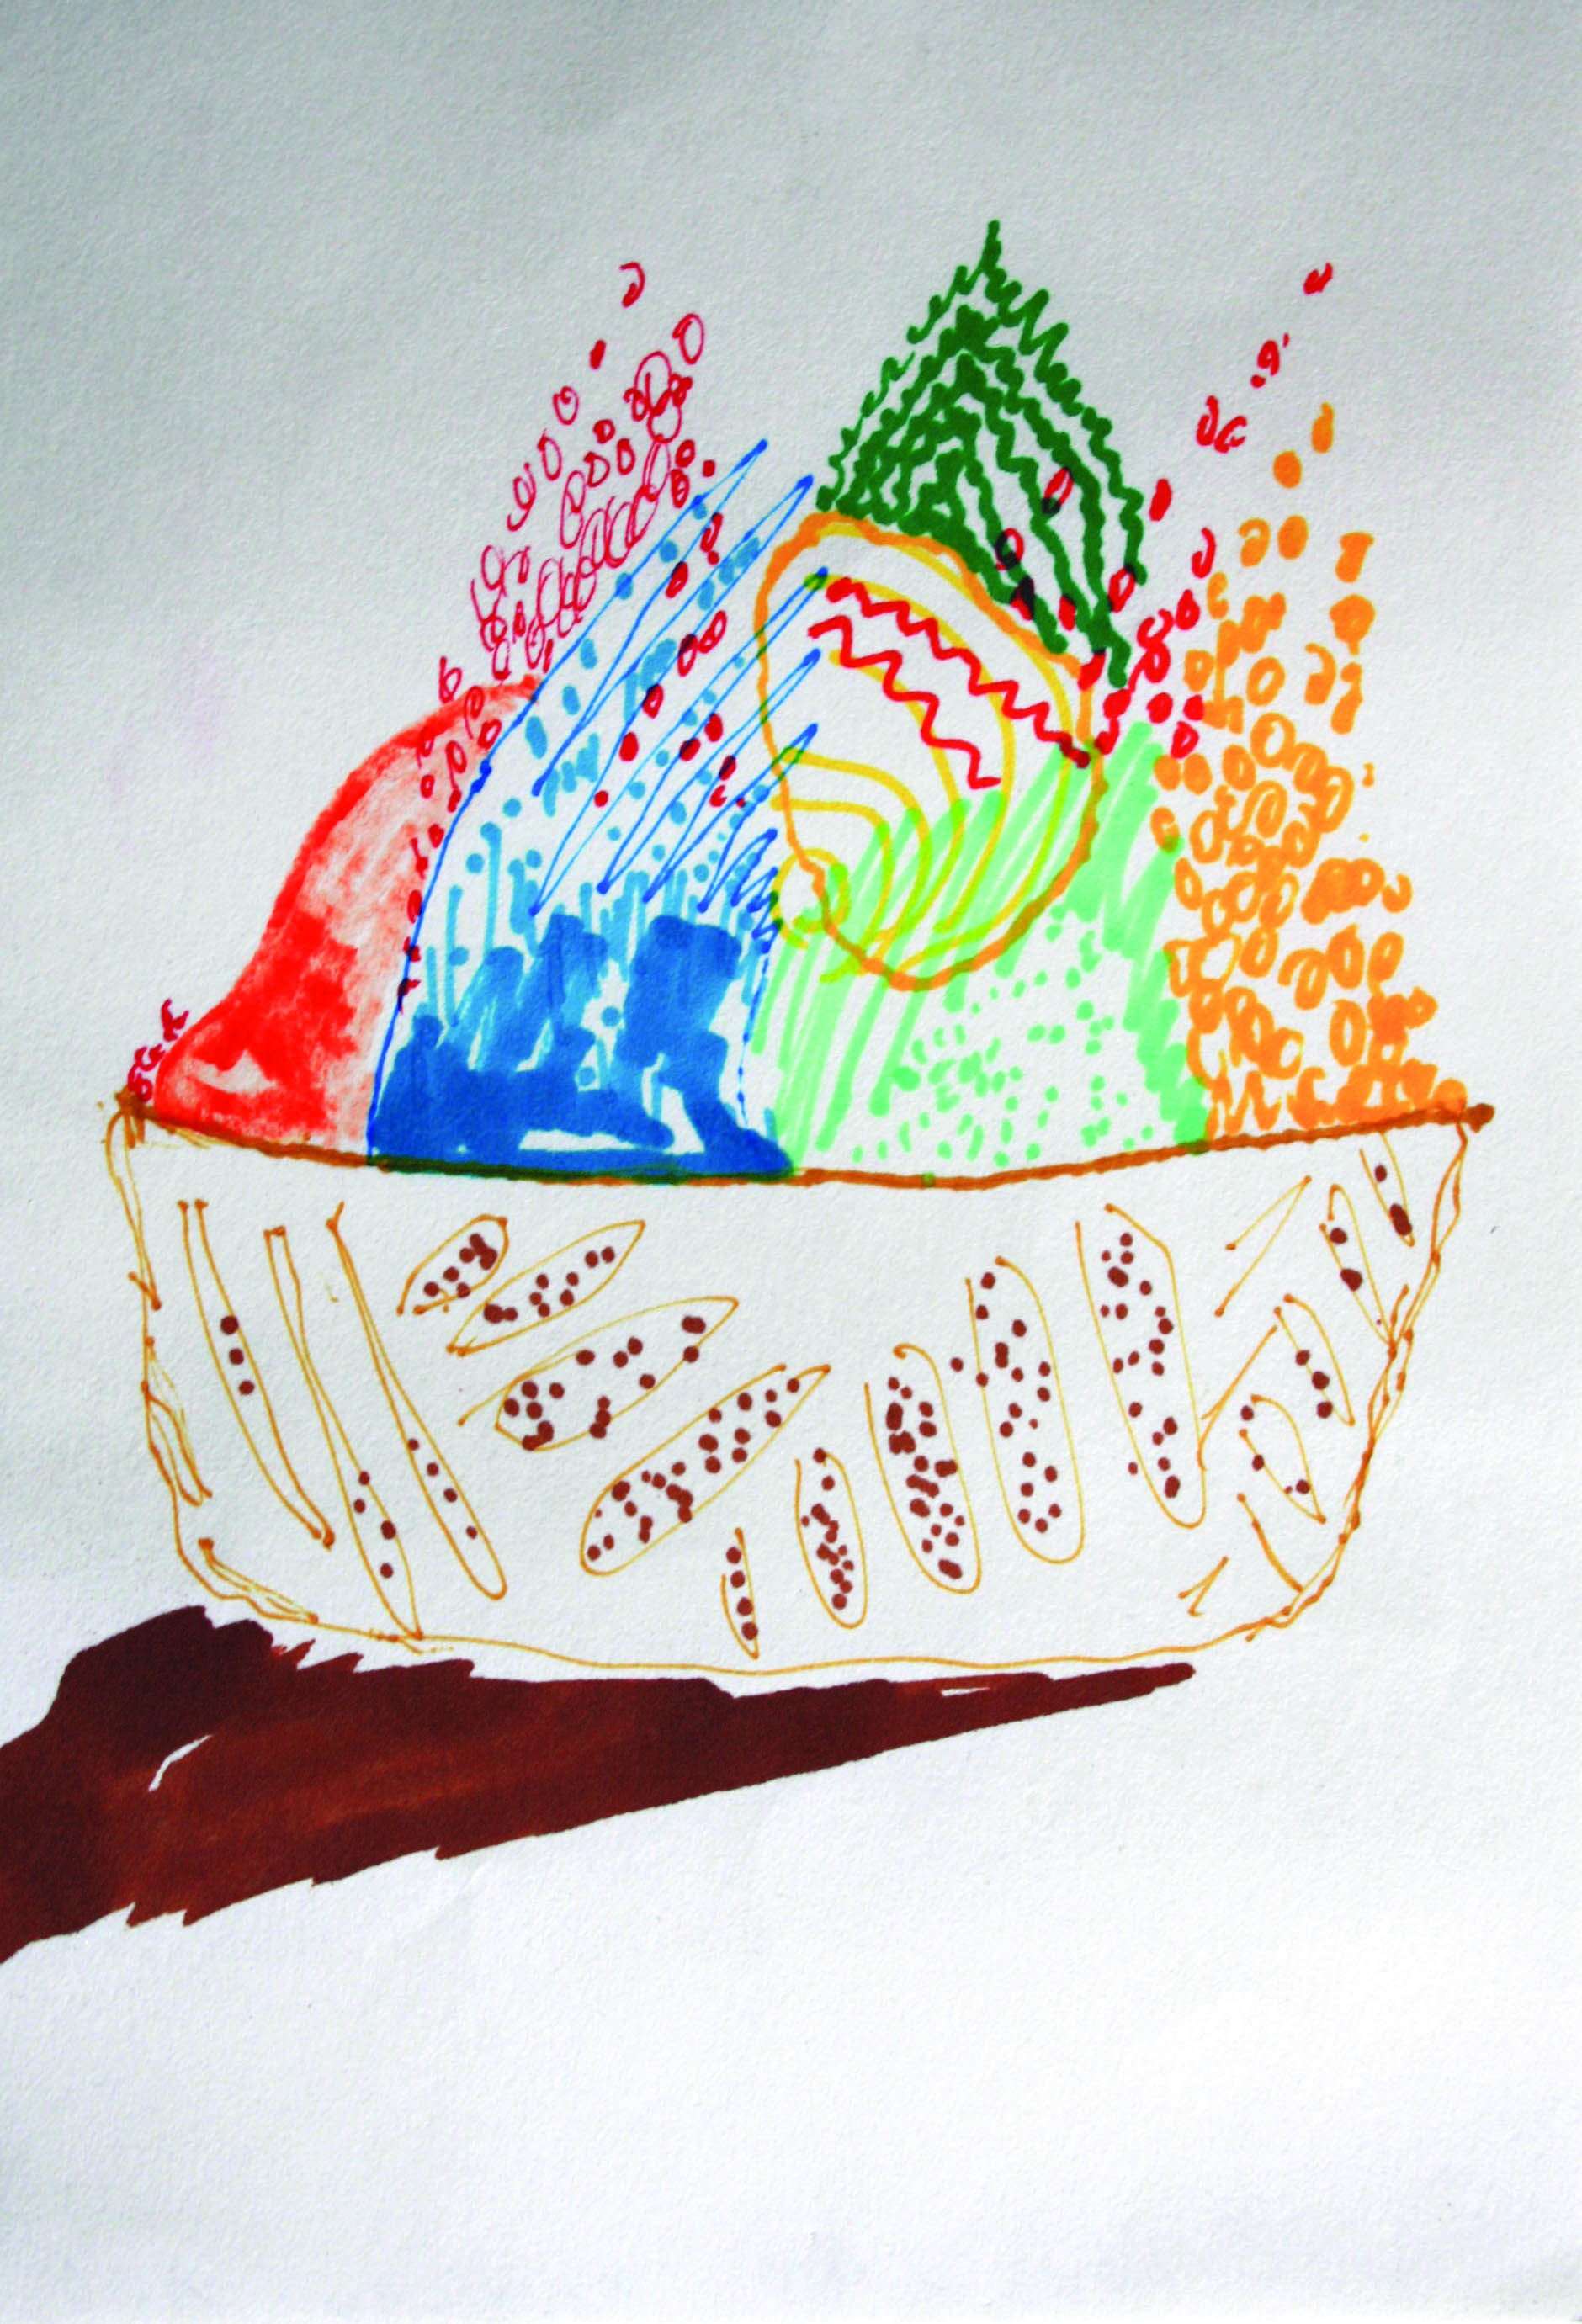 j_hochman_fruit_bowl_2011_1880px